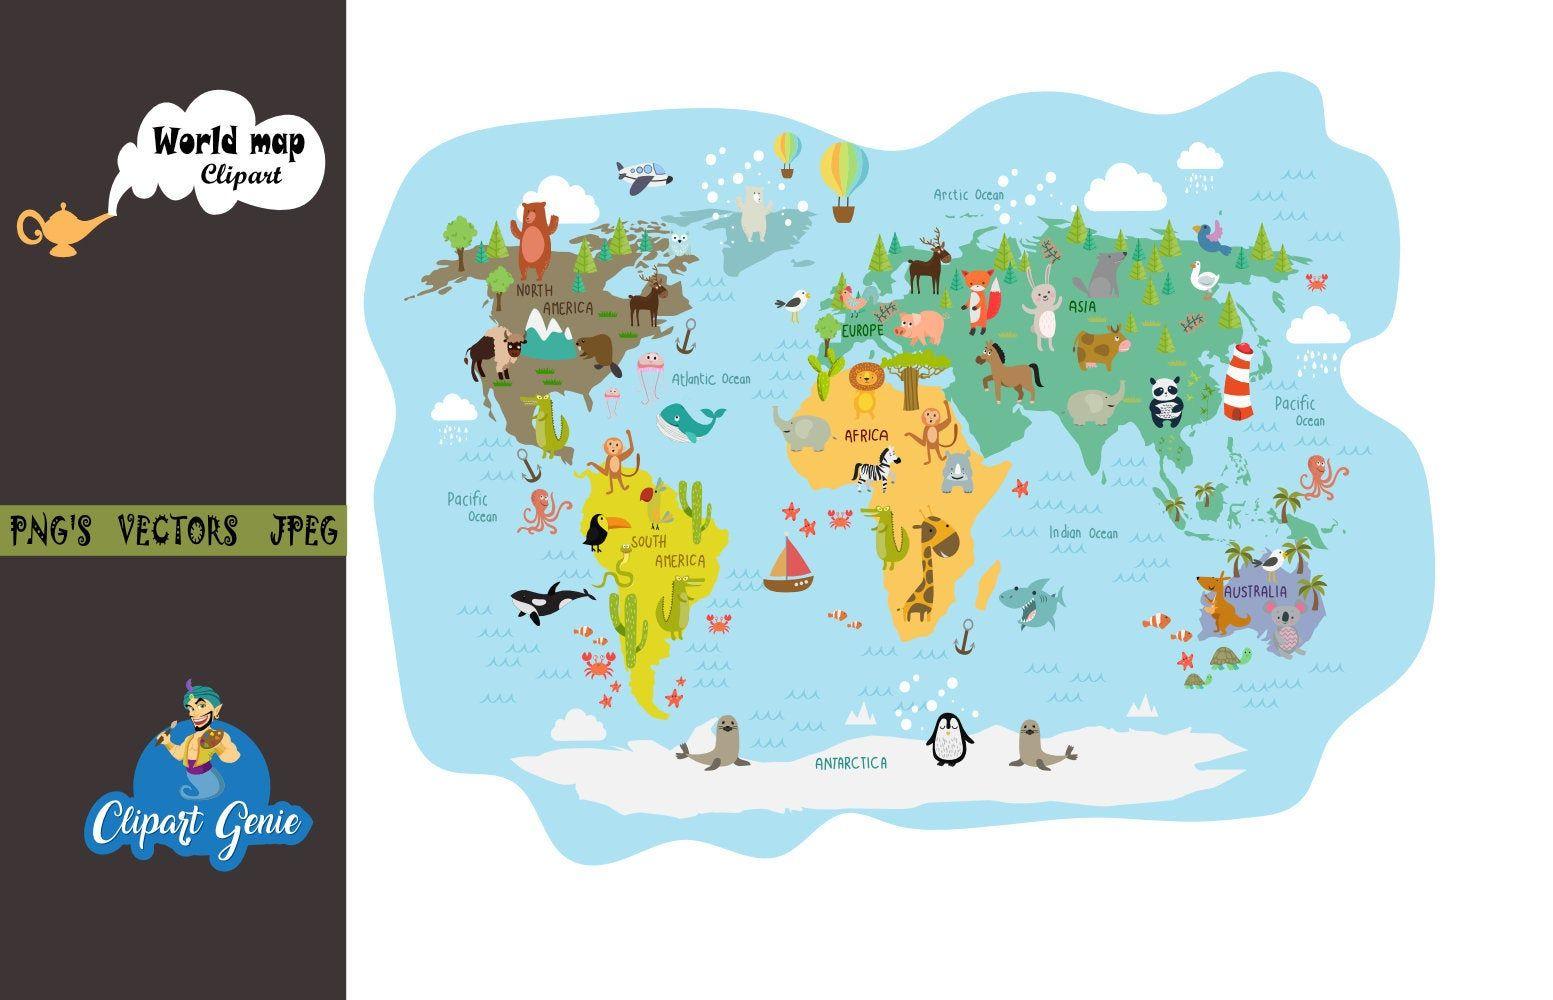 world map clipart, world map clipart, map clipart, school ...